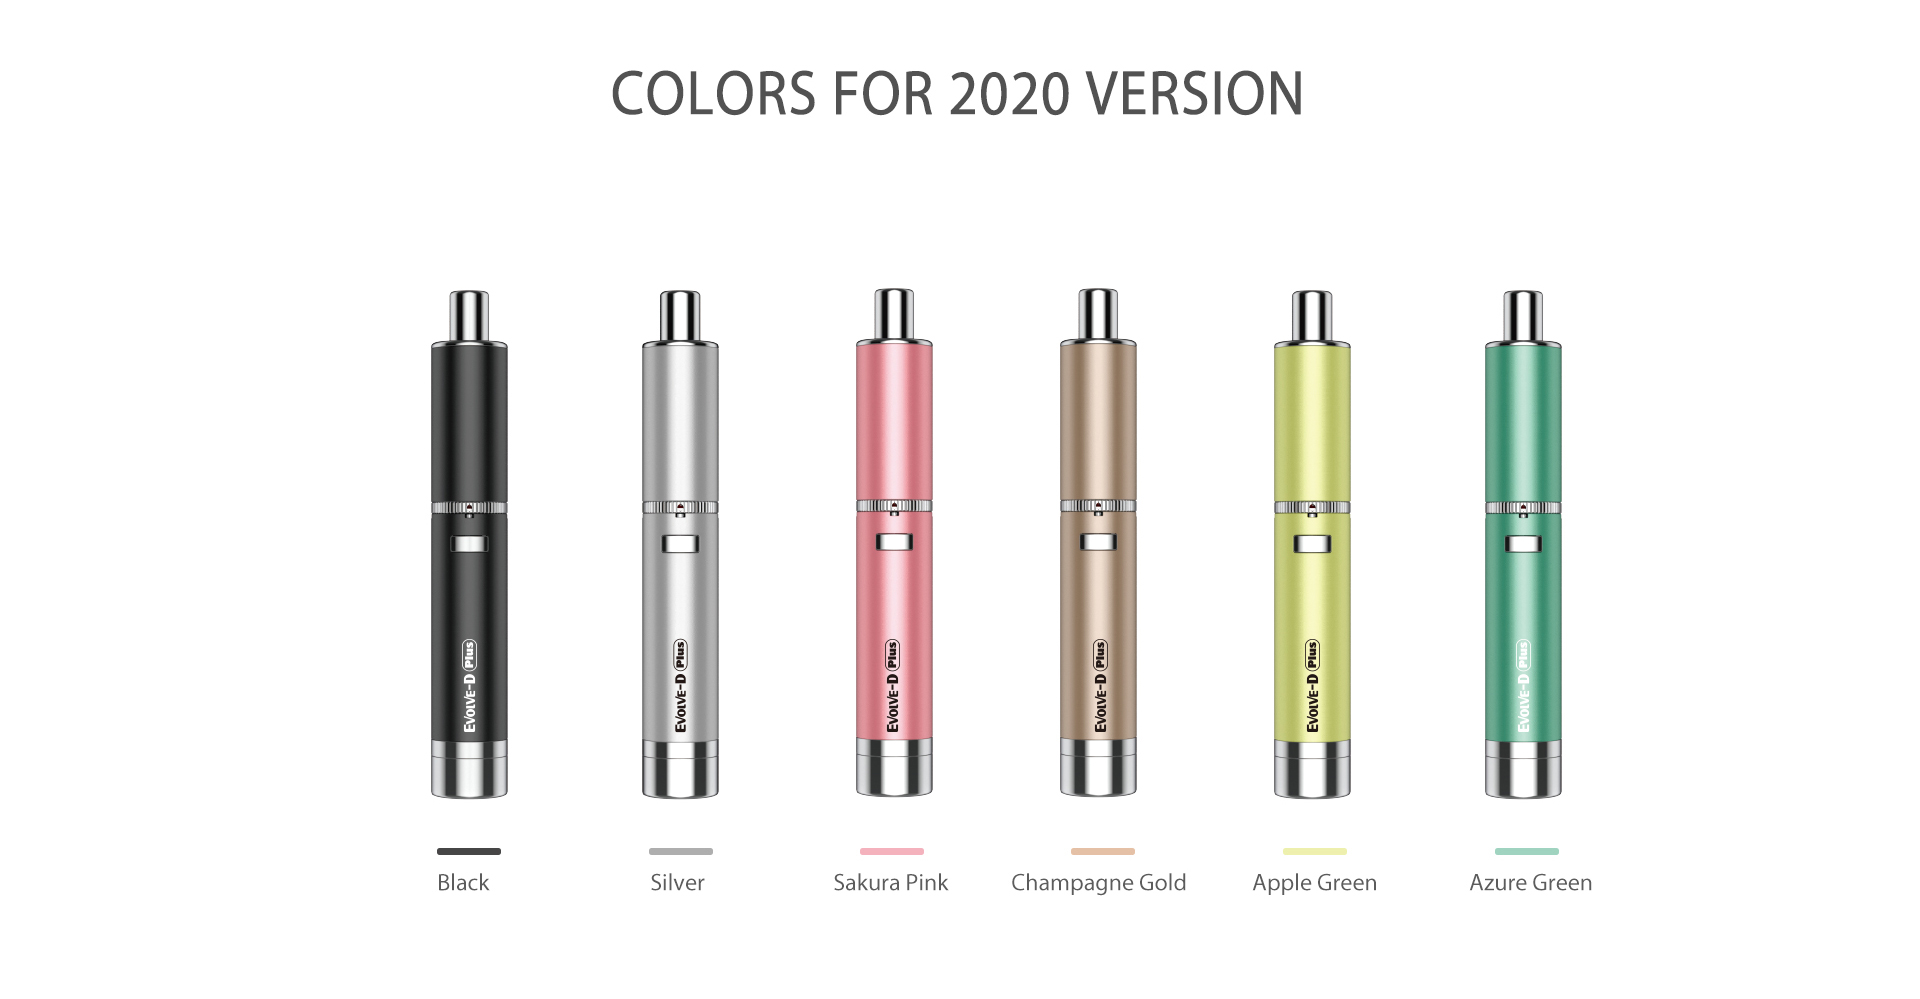 Yocan Evolve-D Plus vaporizer pen 2020 version has 6 colors.